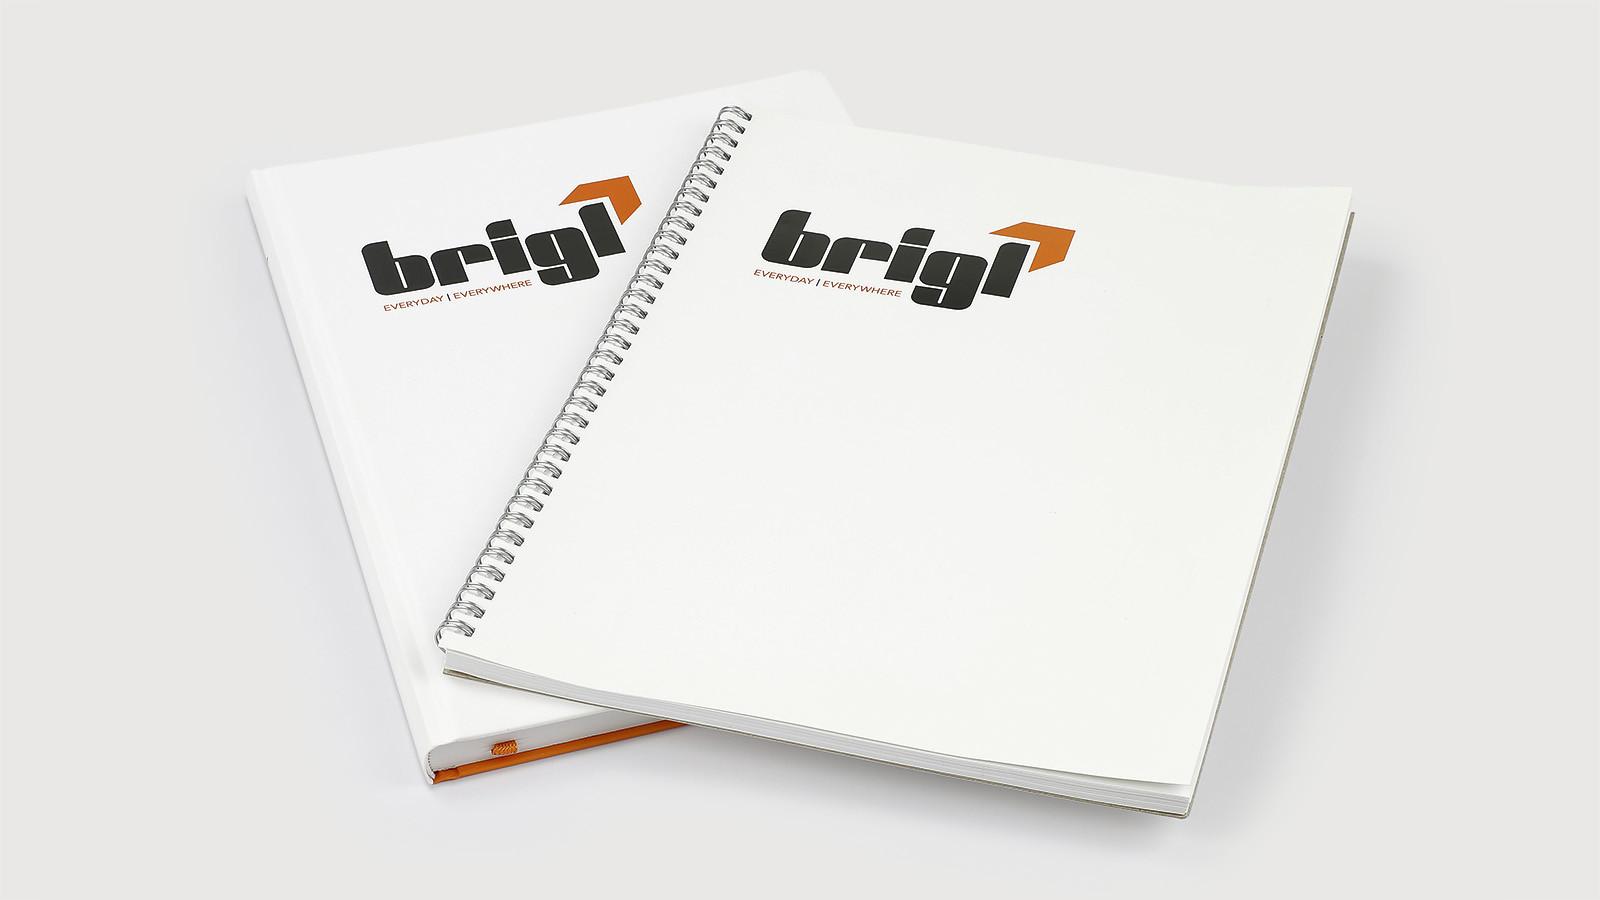 Brigl_Geschäftsdrucksorten1